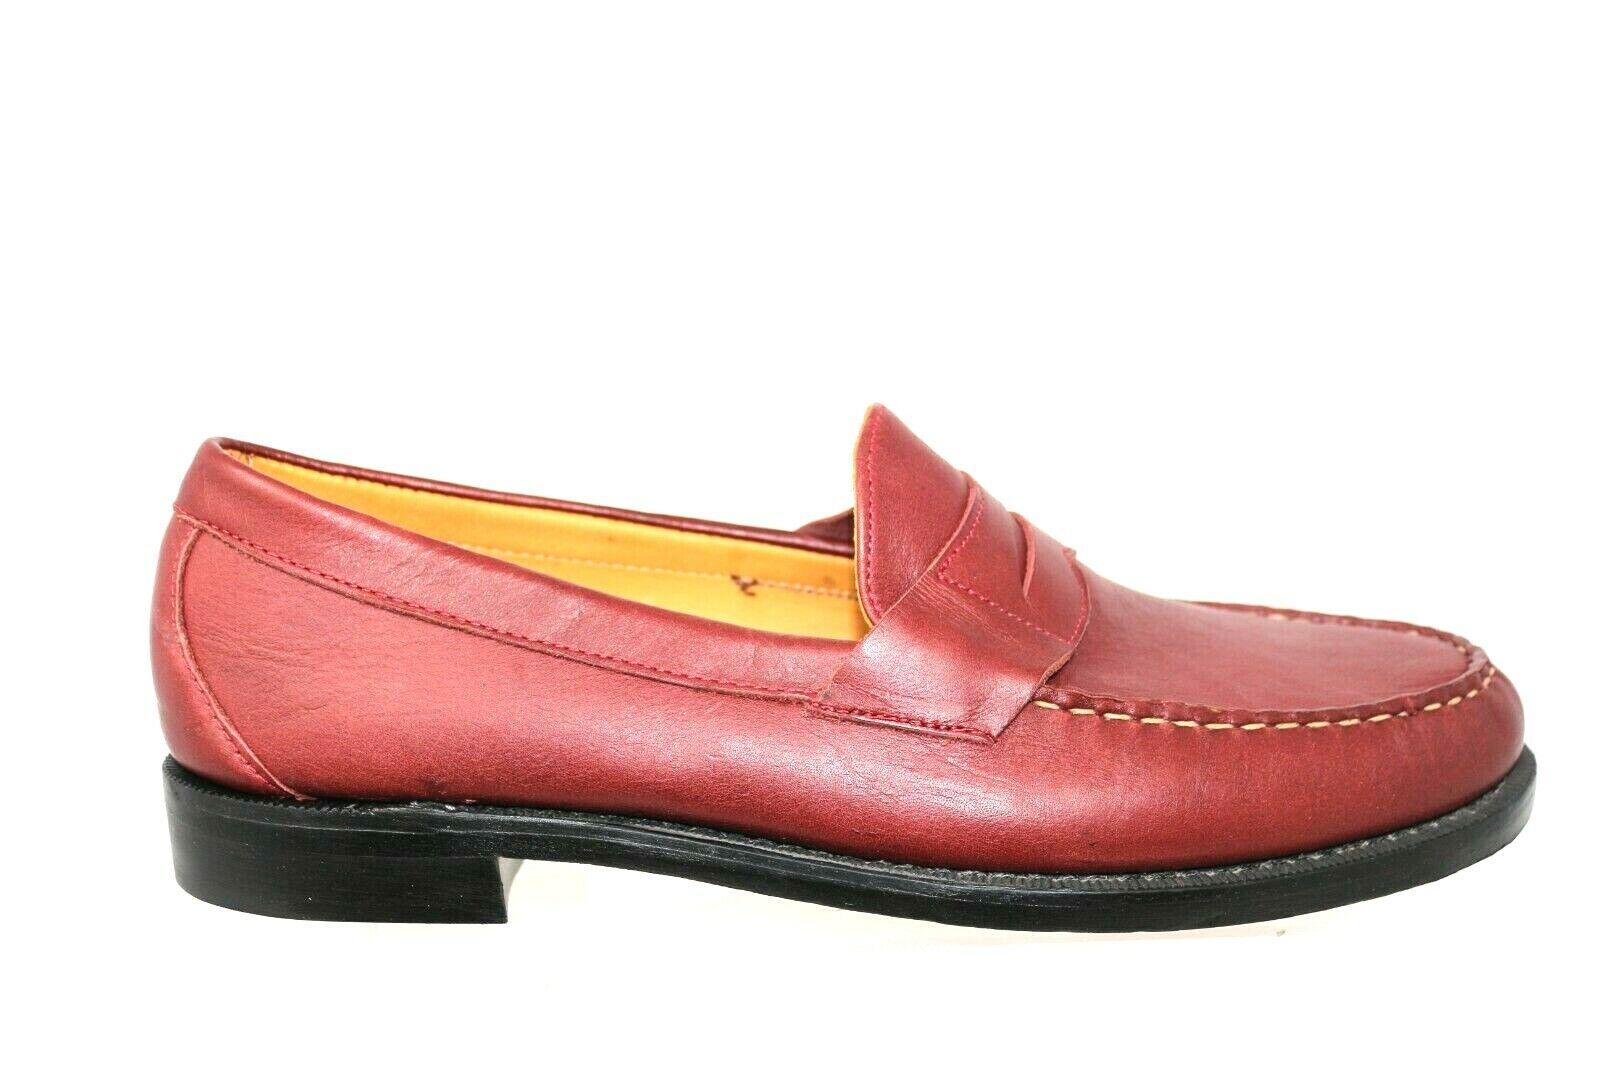 Sebago Crest Cayman Borgoña Bison Cuero Slip On II Informal Mocasín Zapato Para Hombre 13